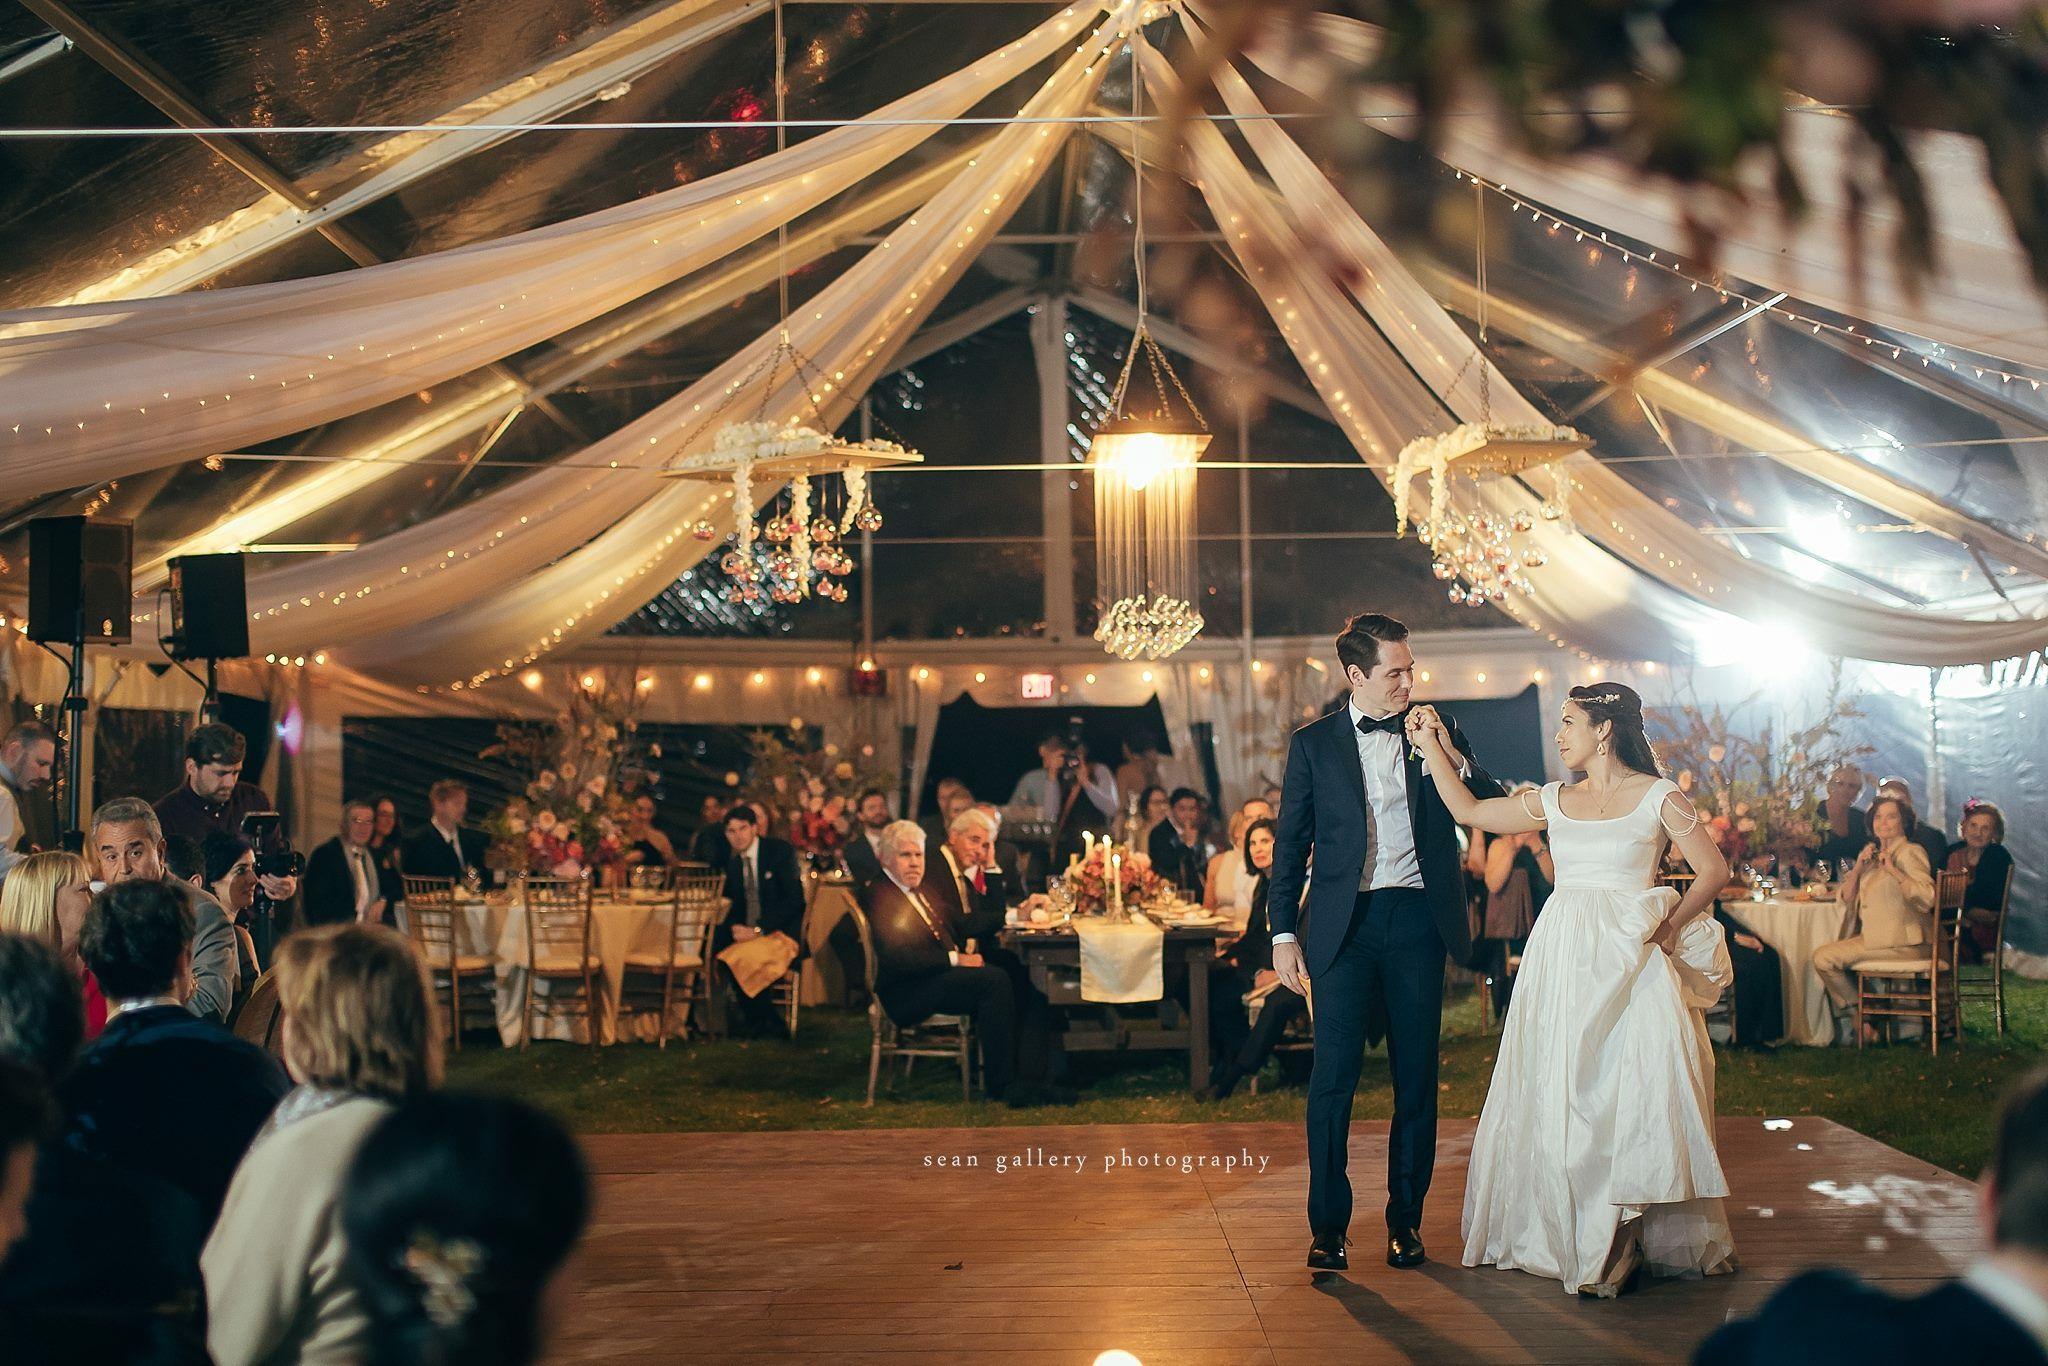 Durkin Tent Amp Party Rental Rentals Danbury Ct